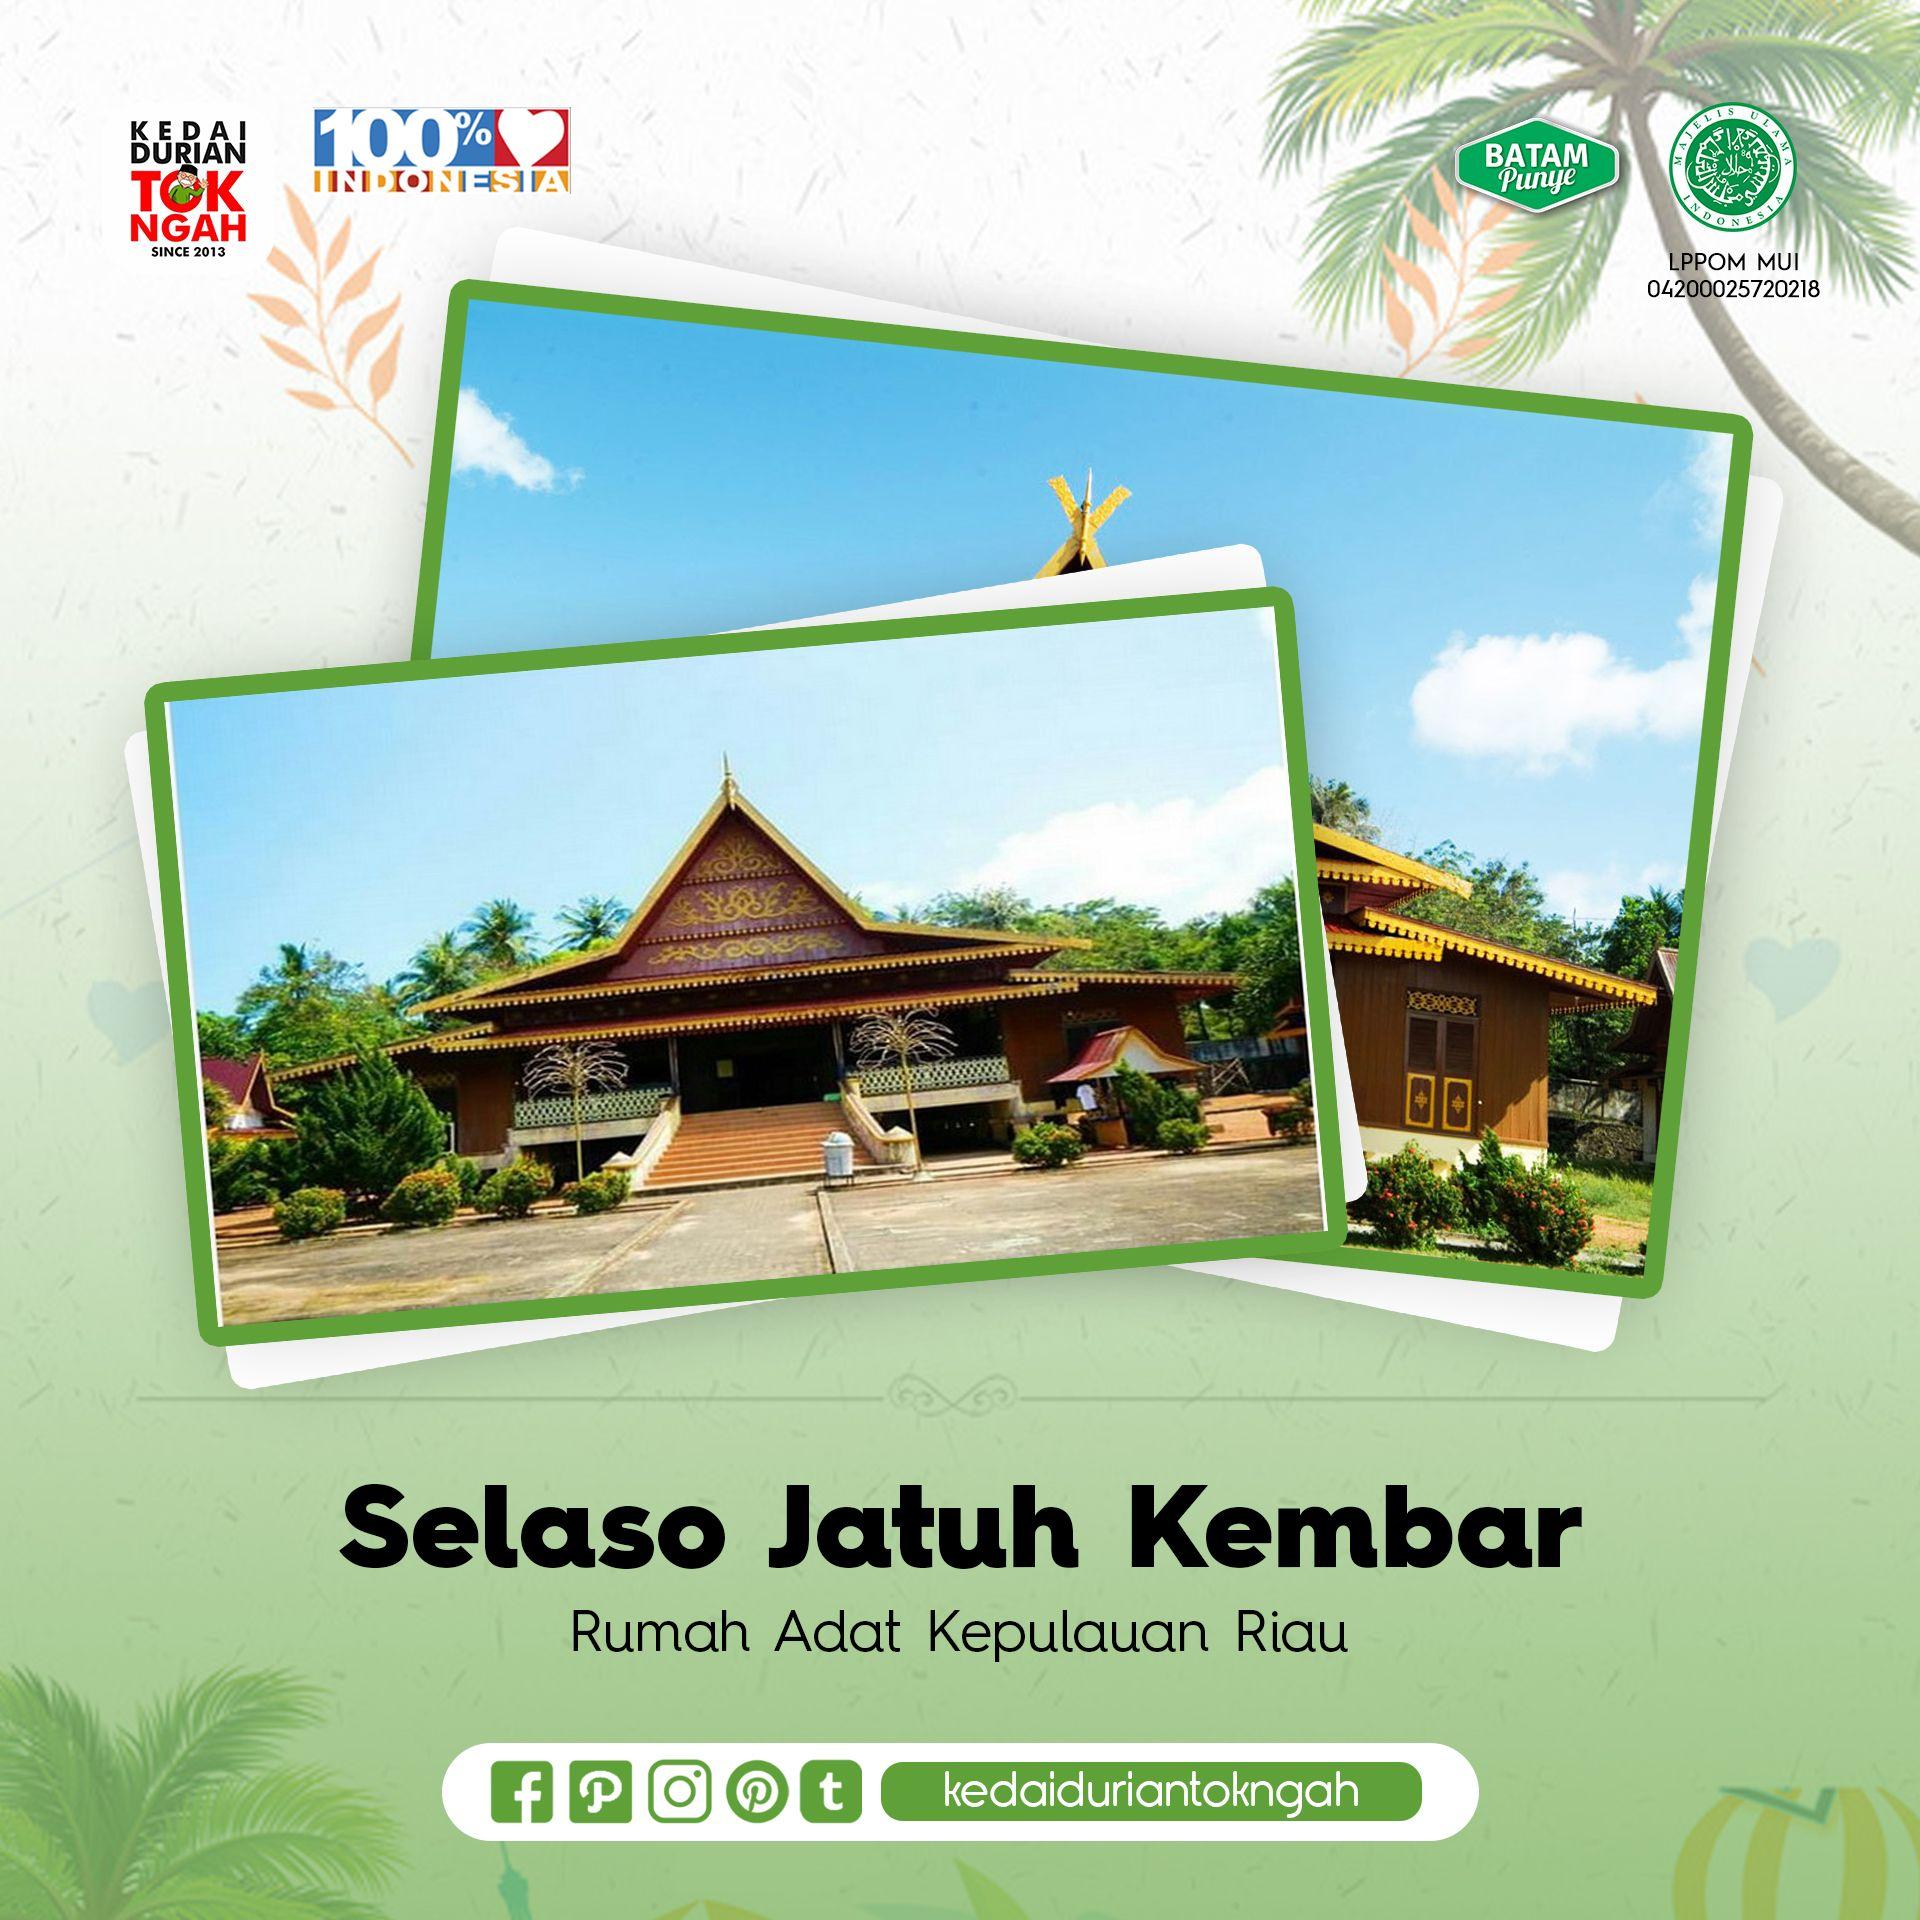 Rumah Adat Kepulauan Riau